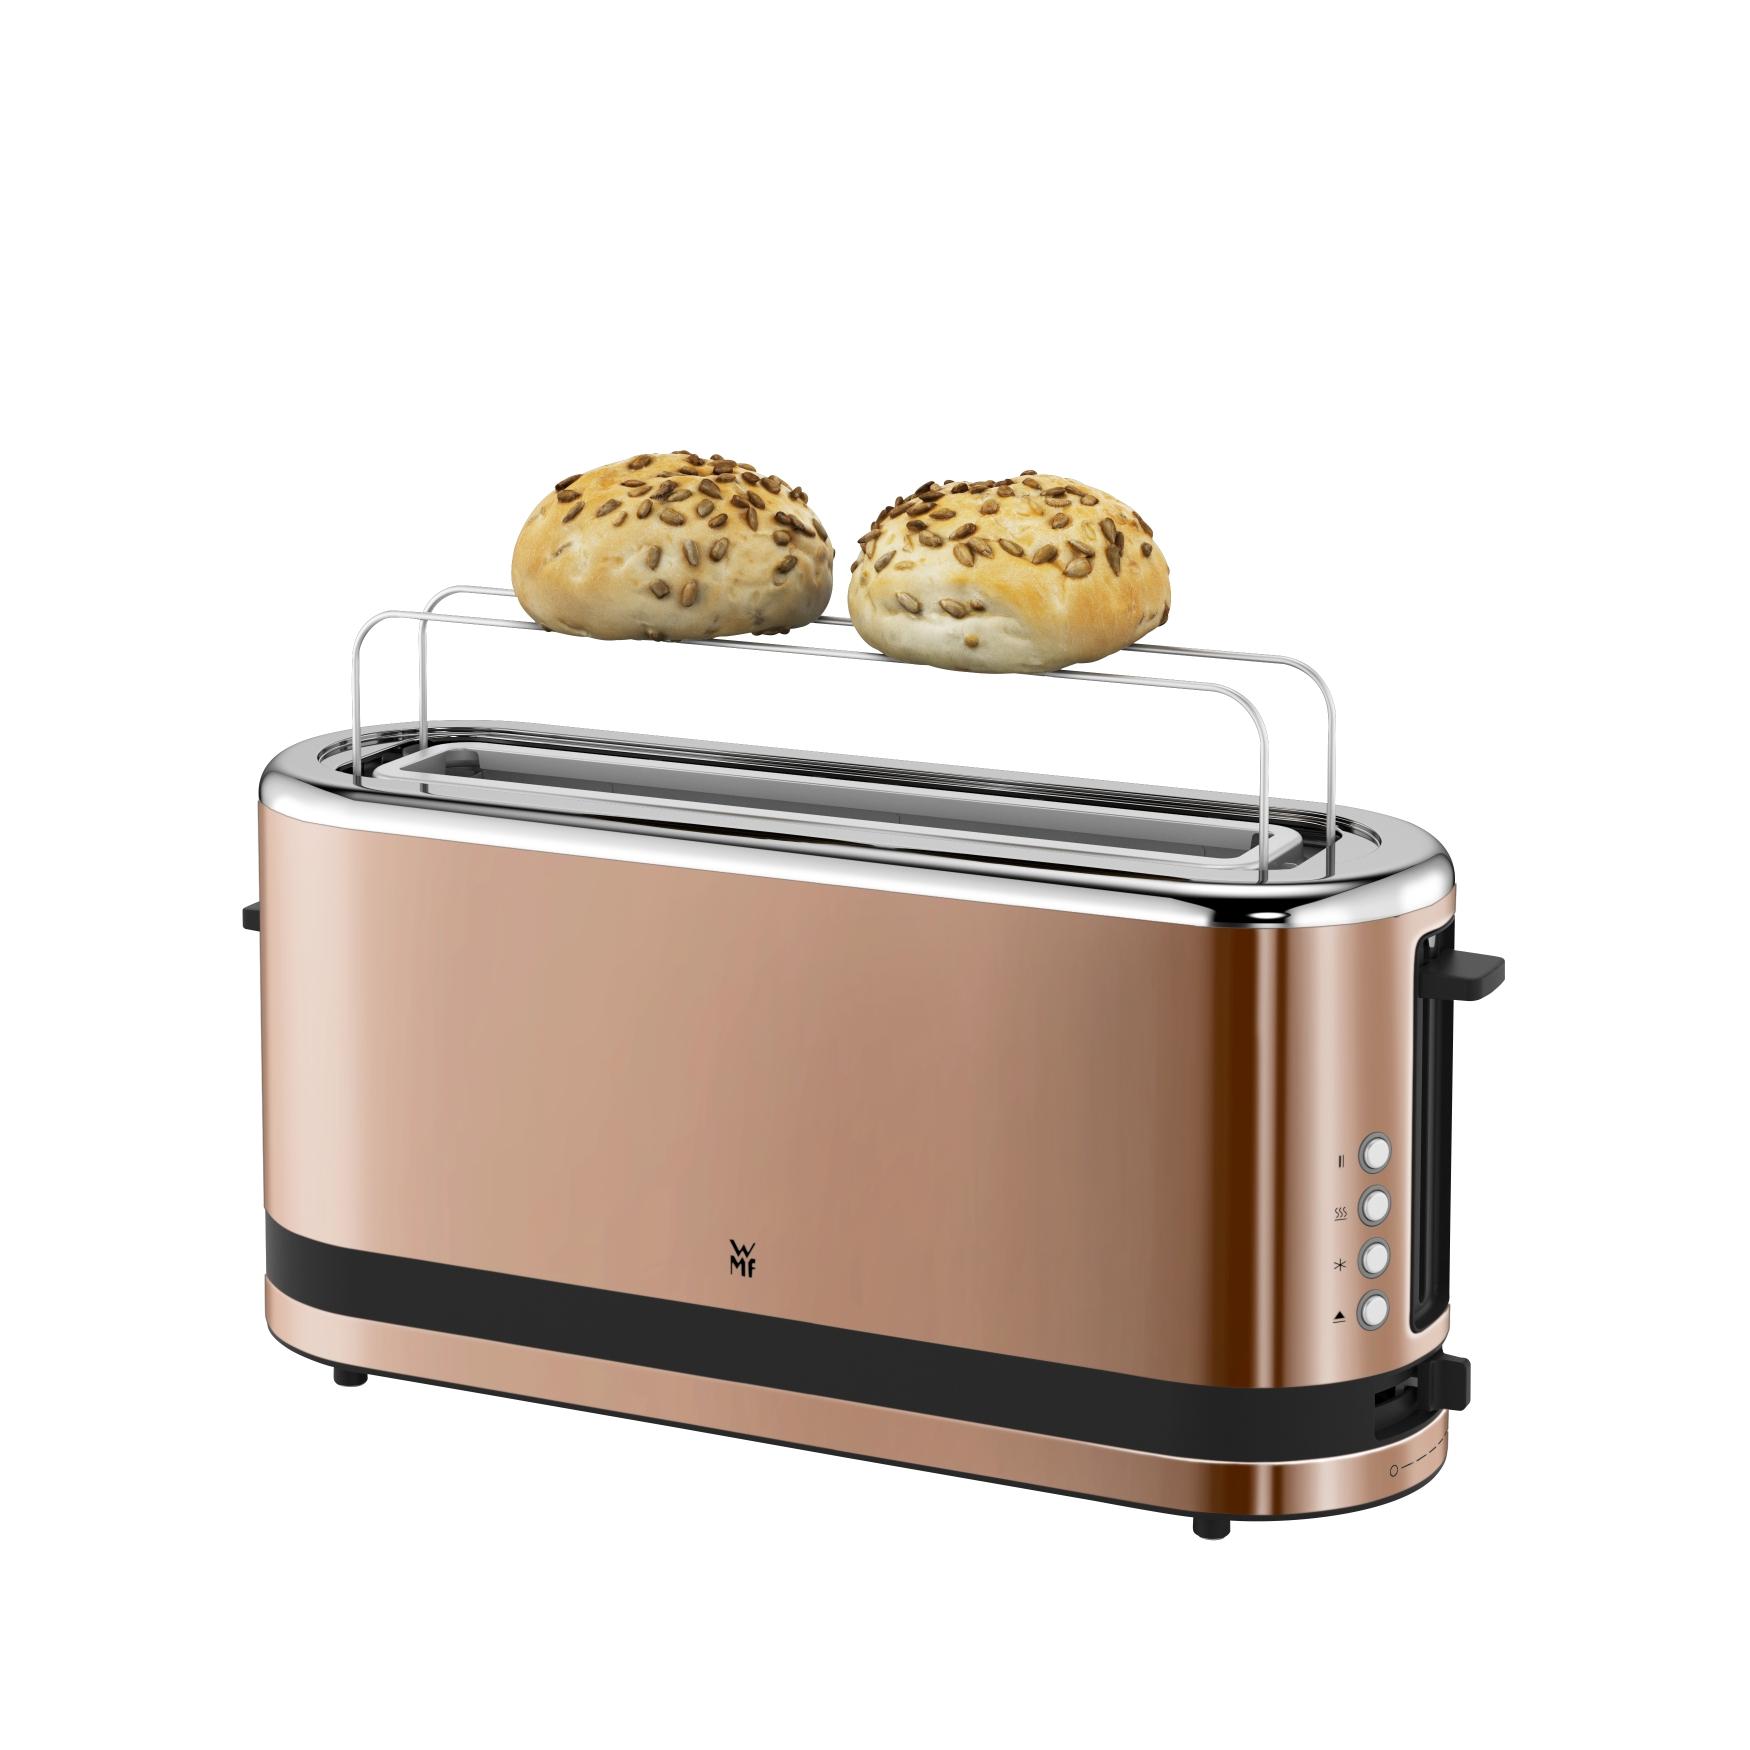 WMF KITCHENminisⓇ Uzun Hazne Ekmek Kızartma Makinesi - Bakır